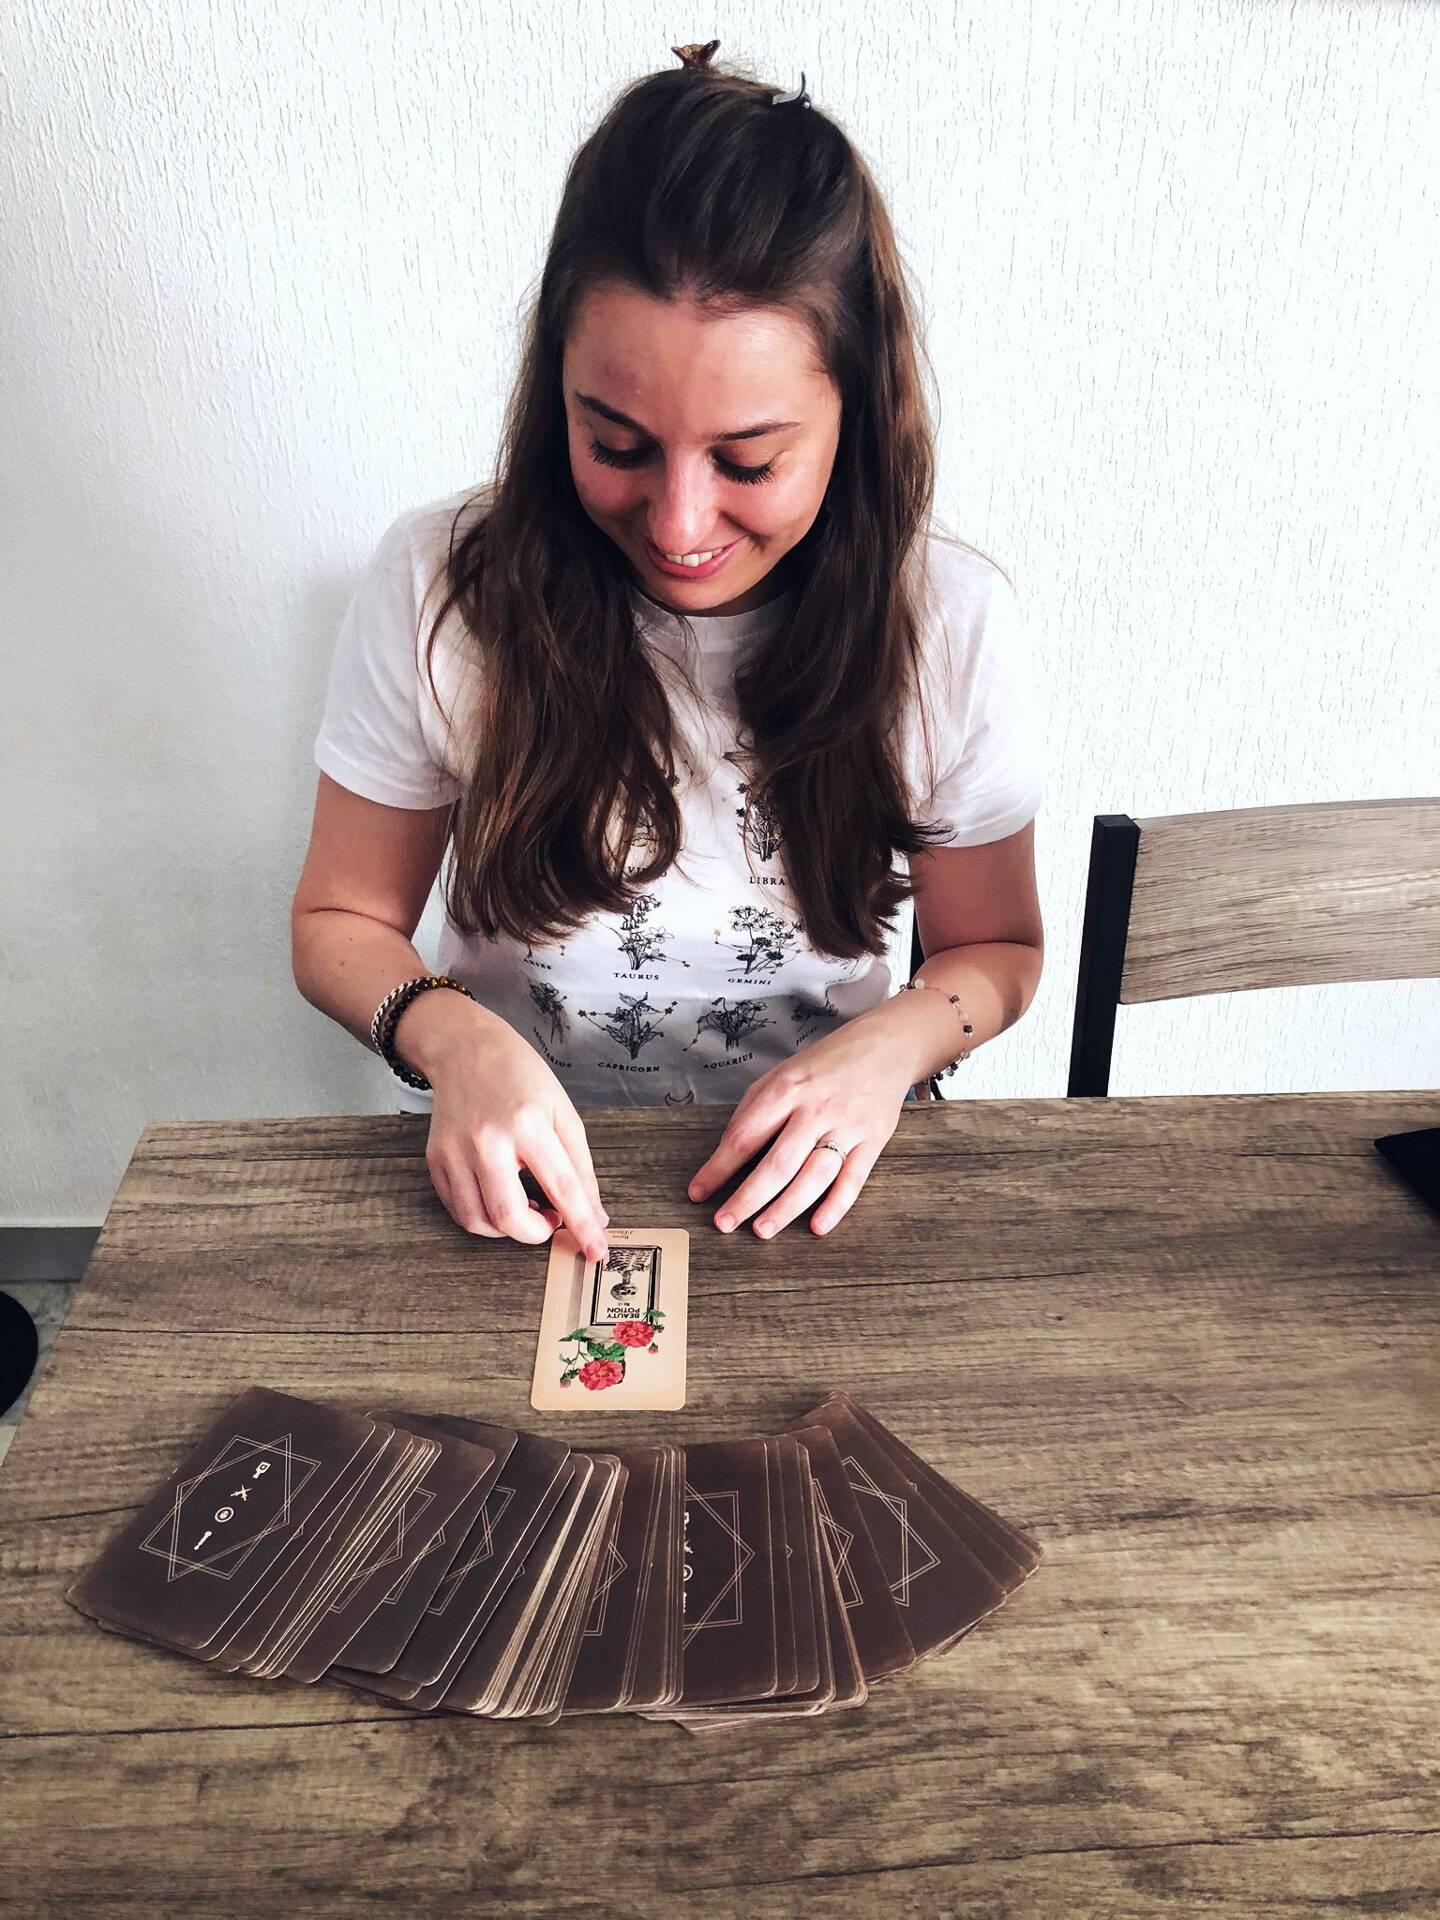 Le tarot : un objet qui fascine la jeune femme depuis son enfance.